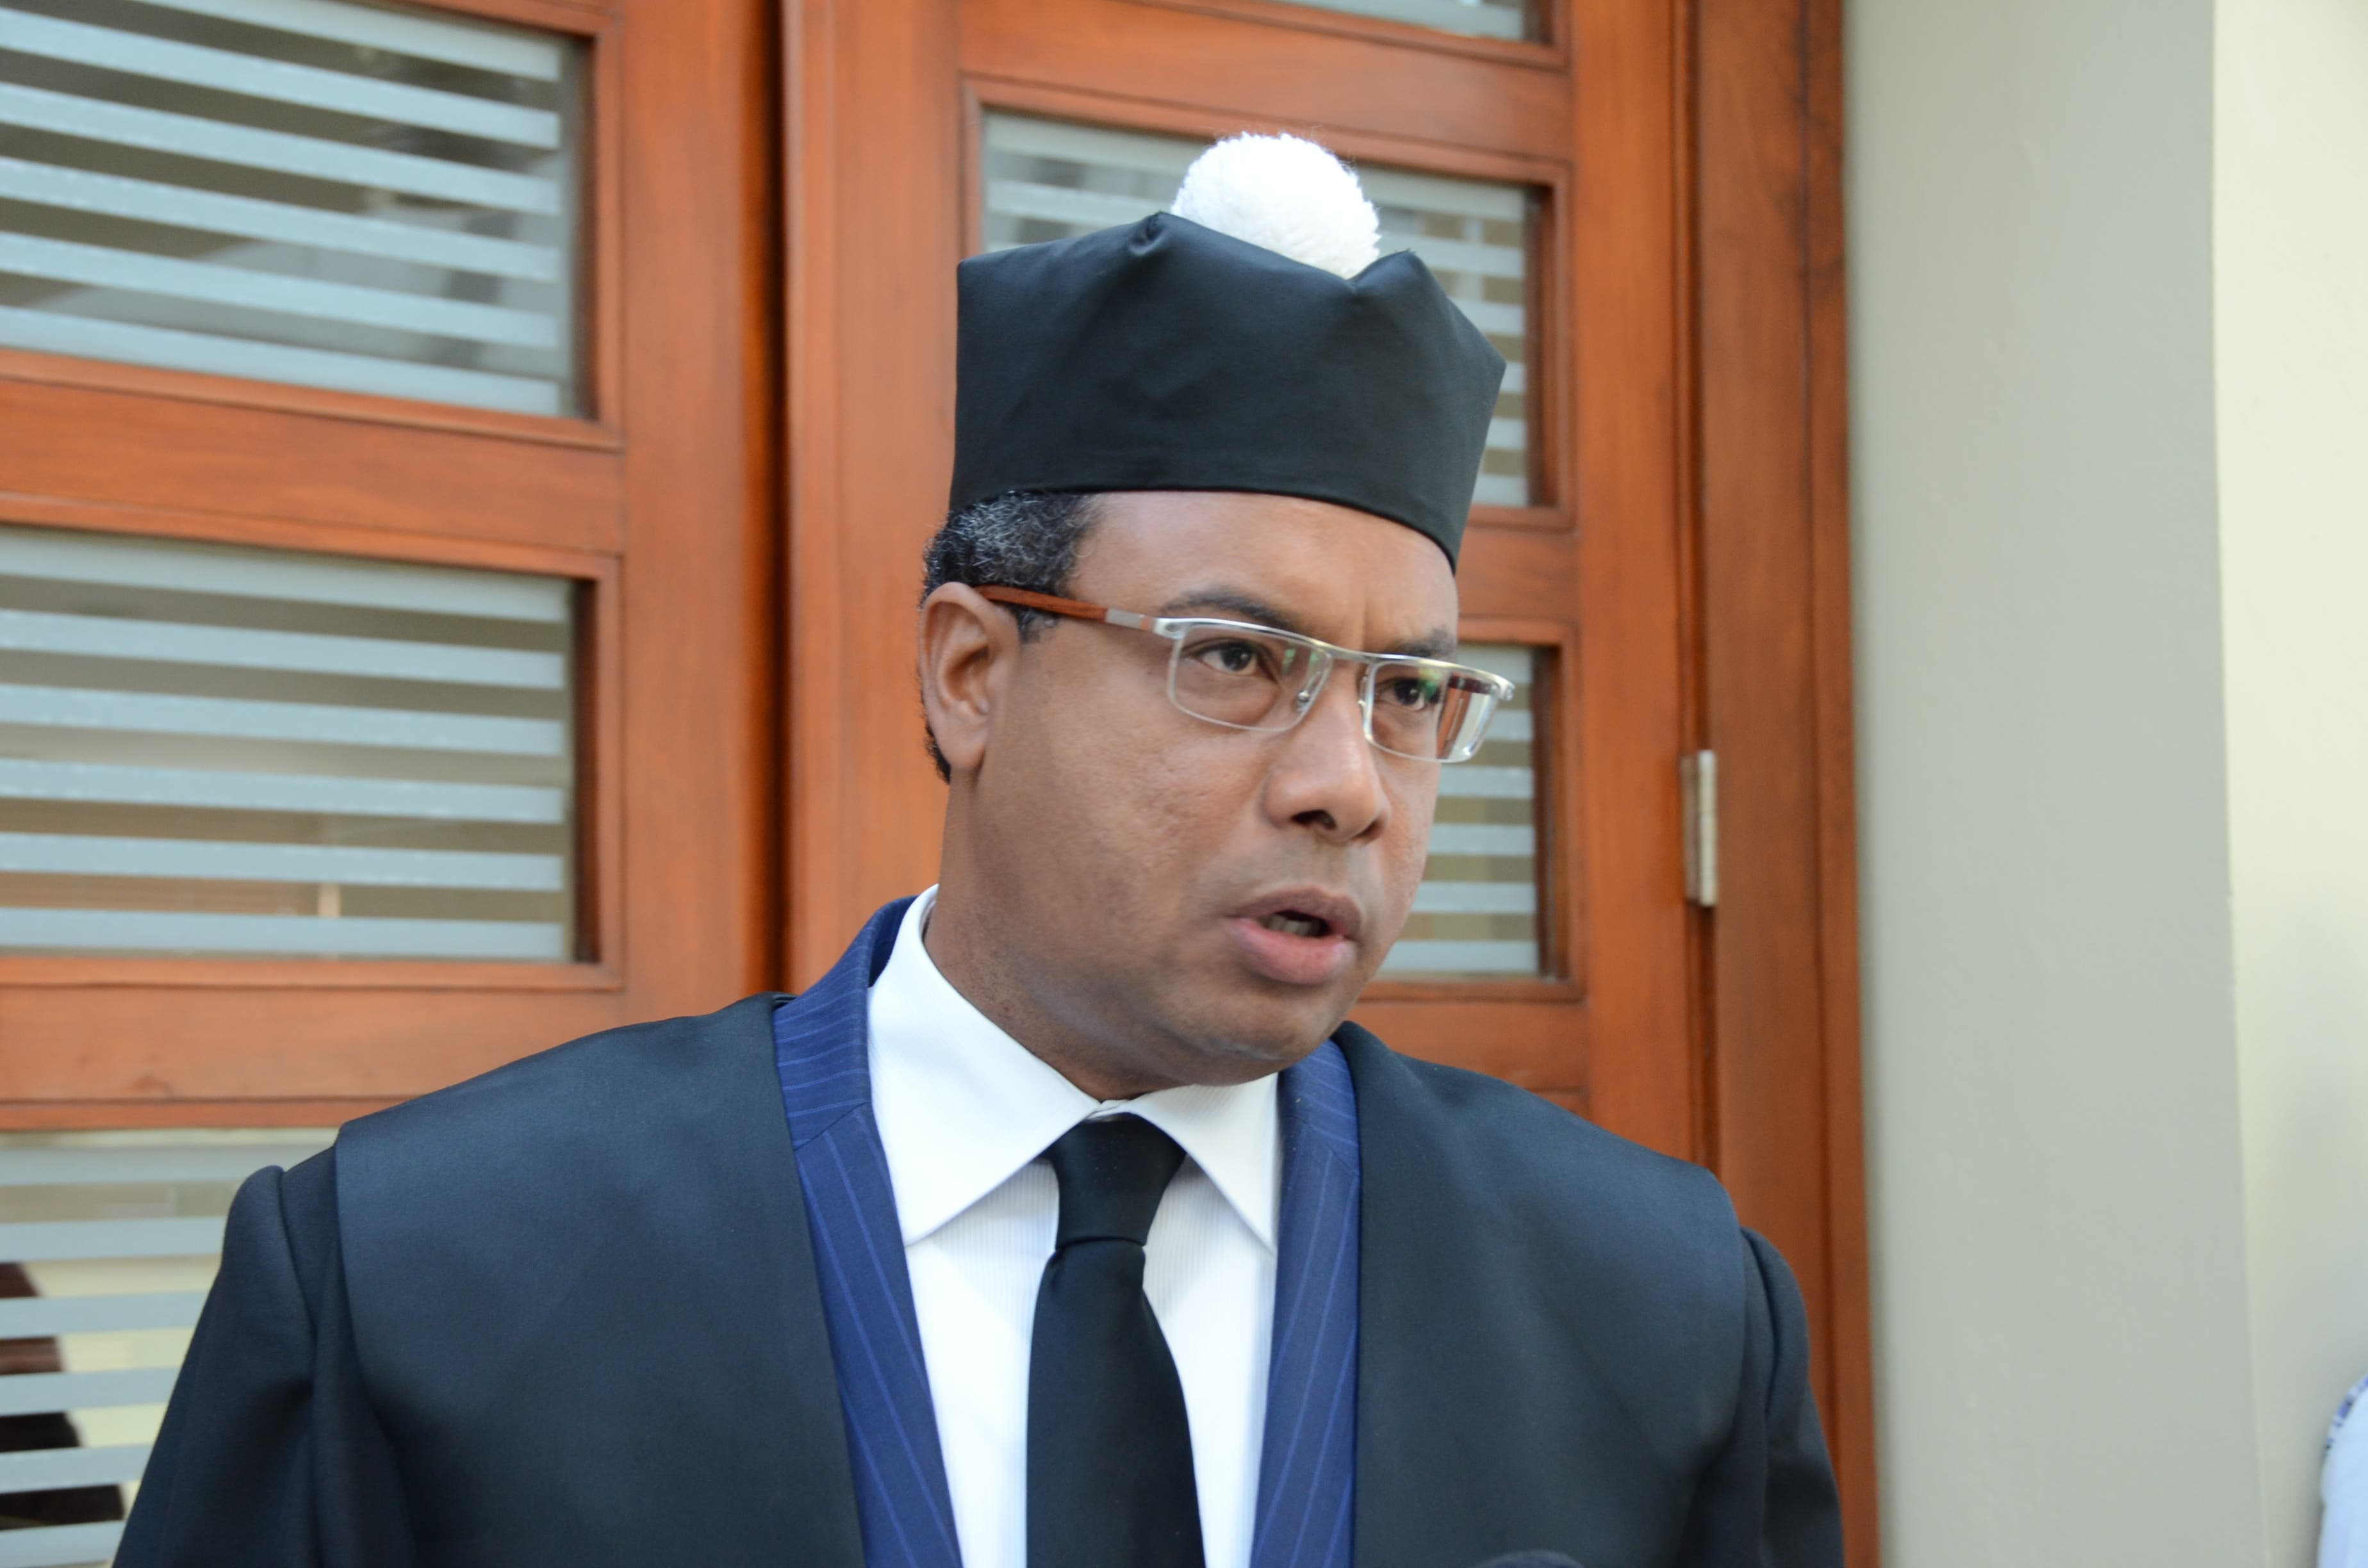 Diputado pide a Tribunal Constitucional pronunciarse sobre reelección